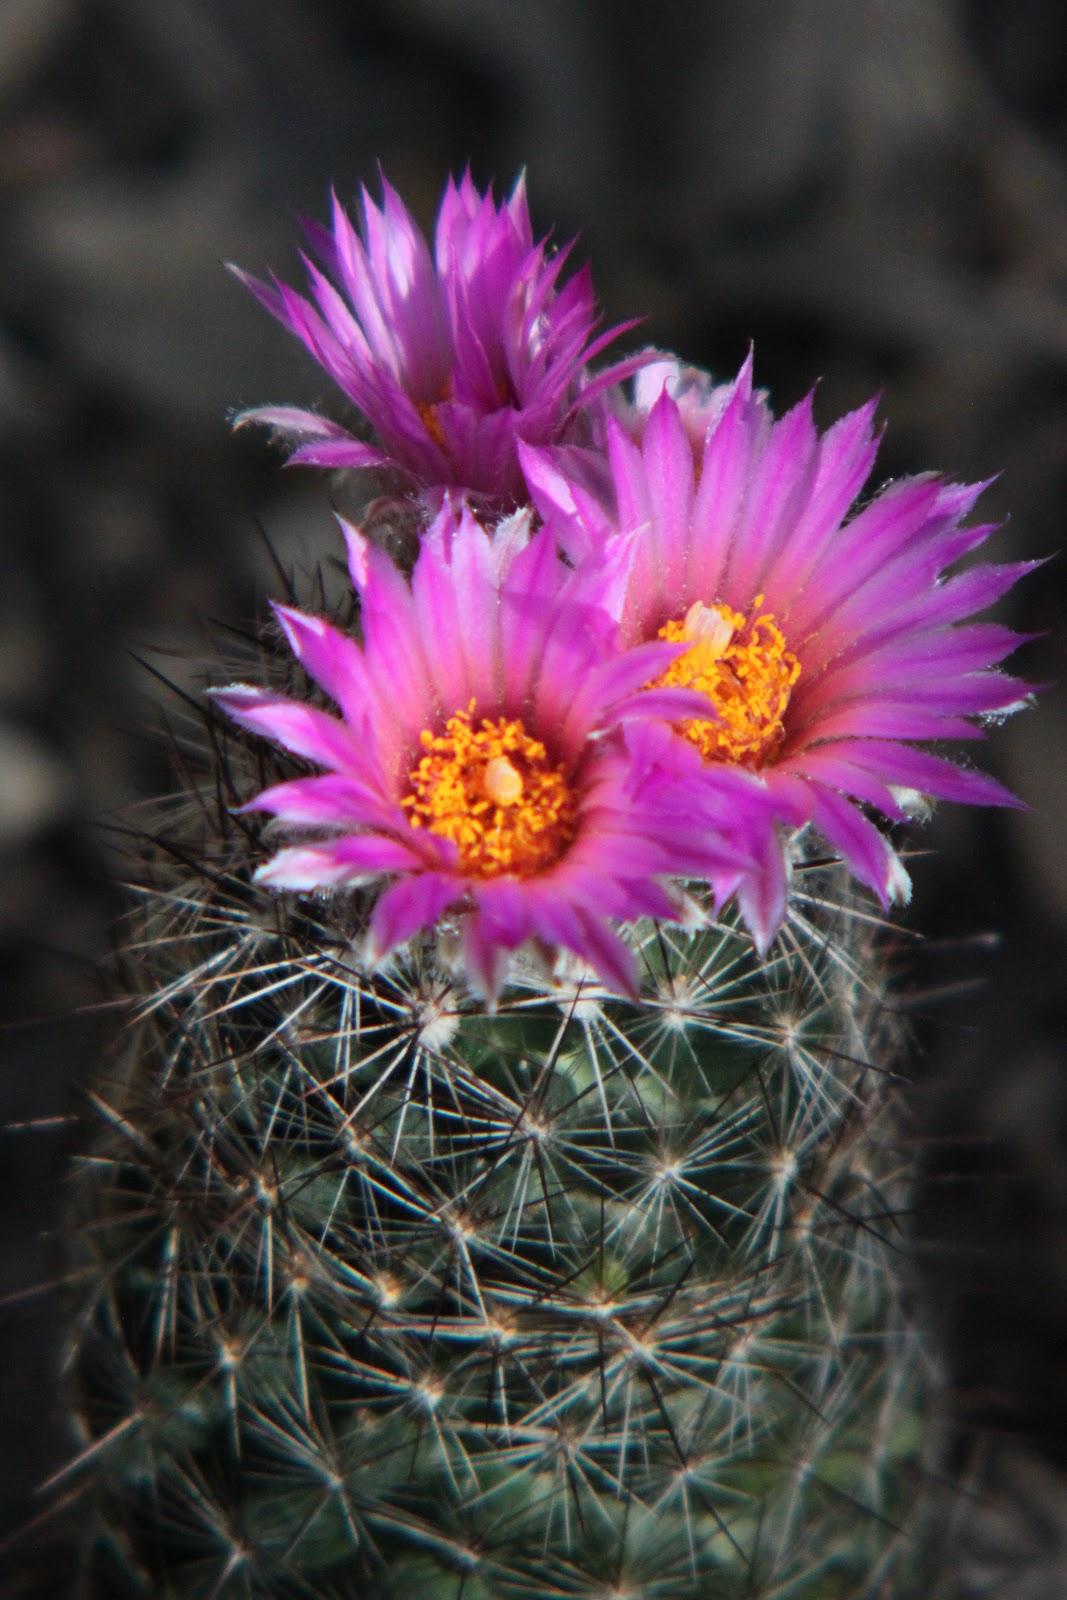 Rock Oak Deer Foxtail Cactus Blooms